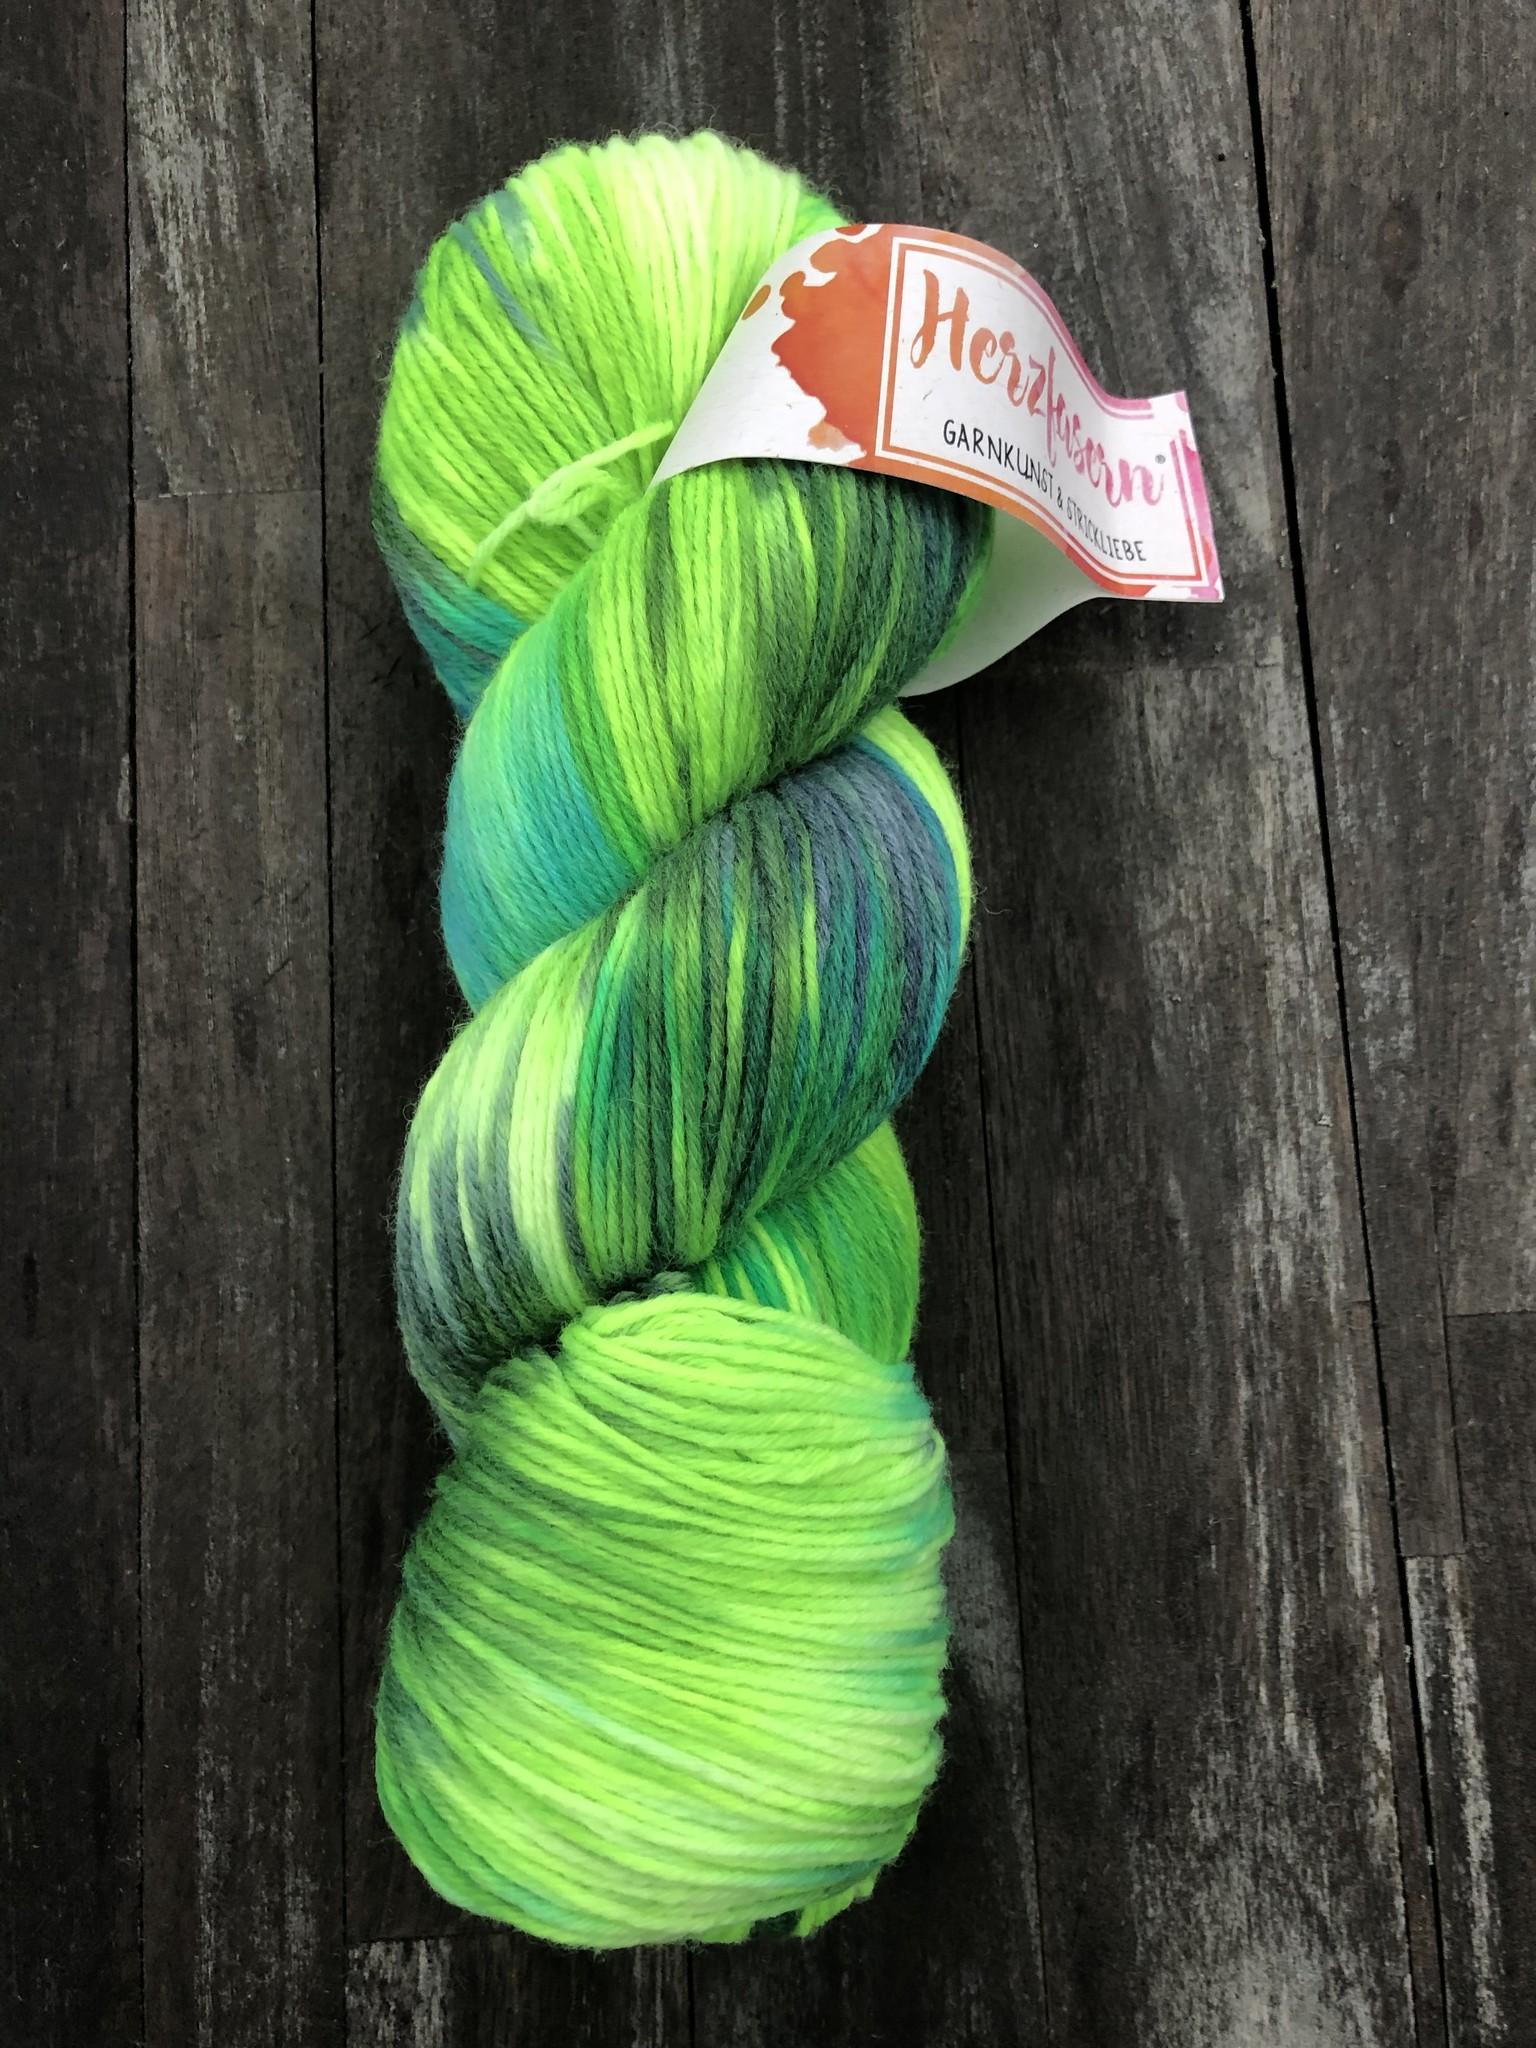 Herzfasern Sockenwolle 6-fach mit recyceltem Polyamid -Grüner Himmel